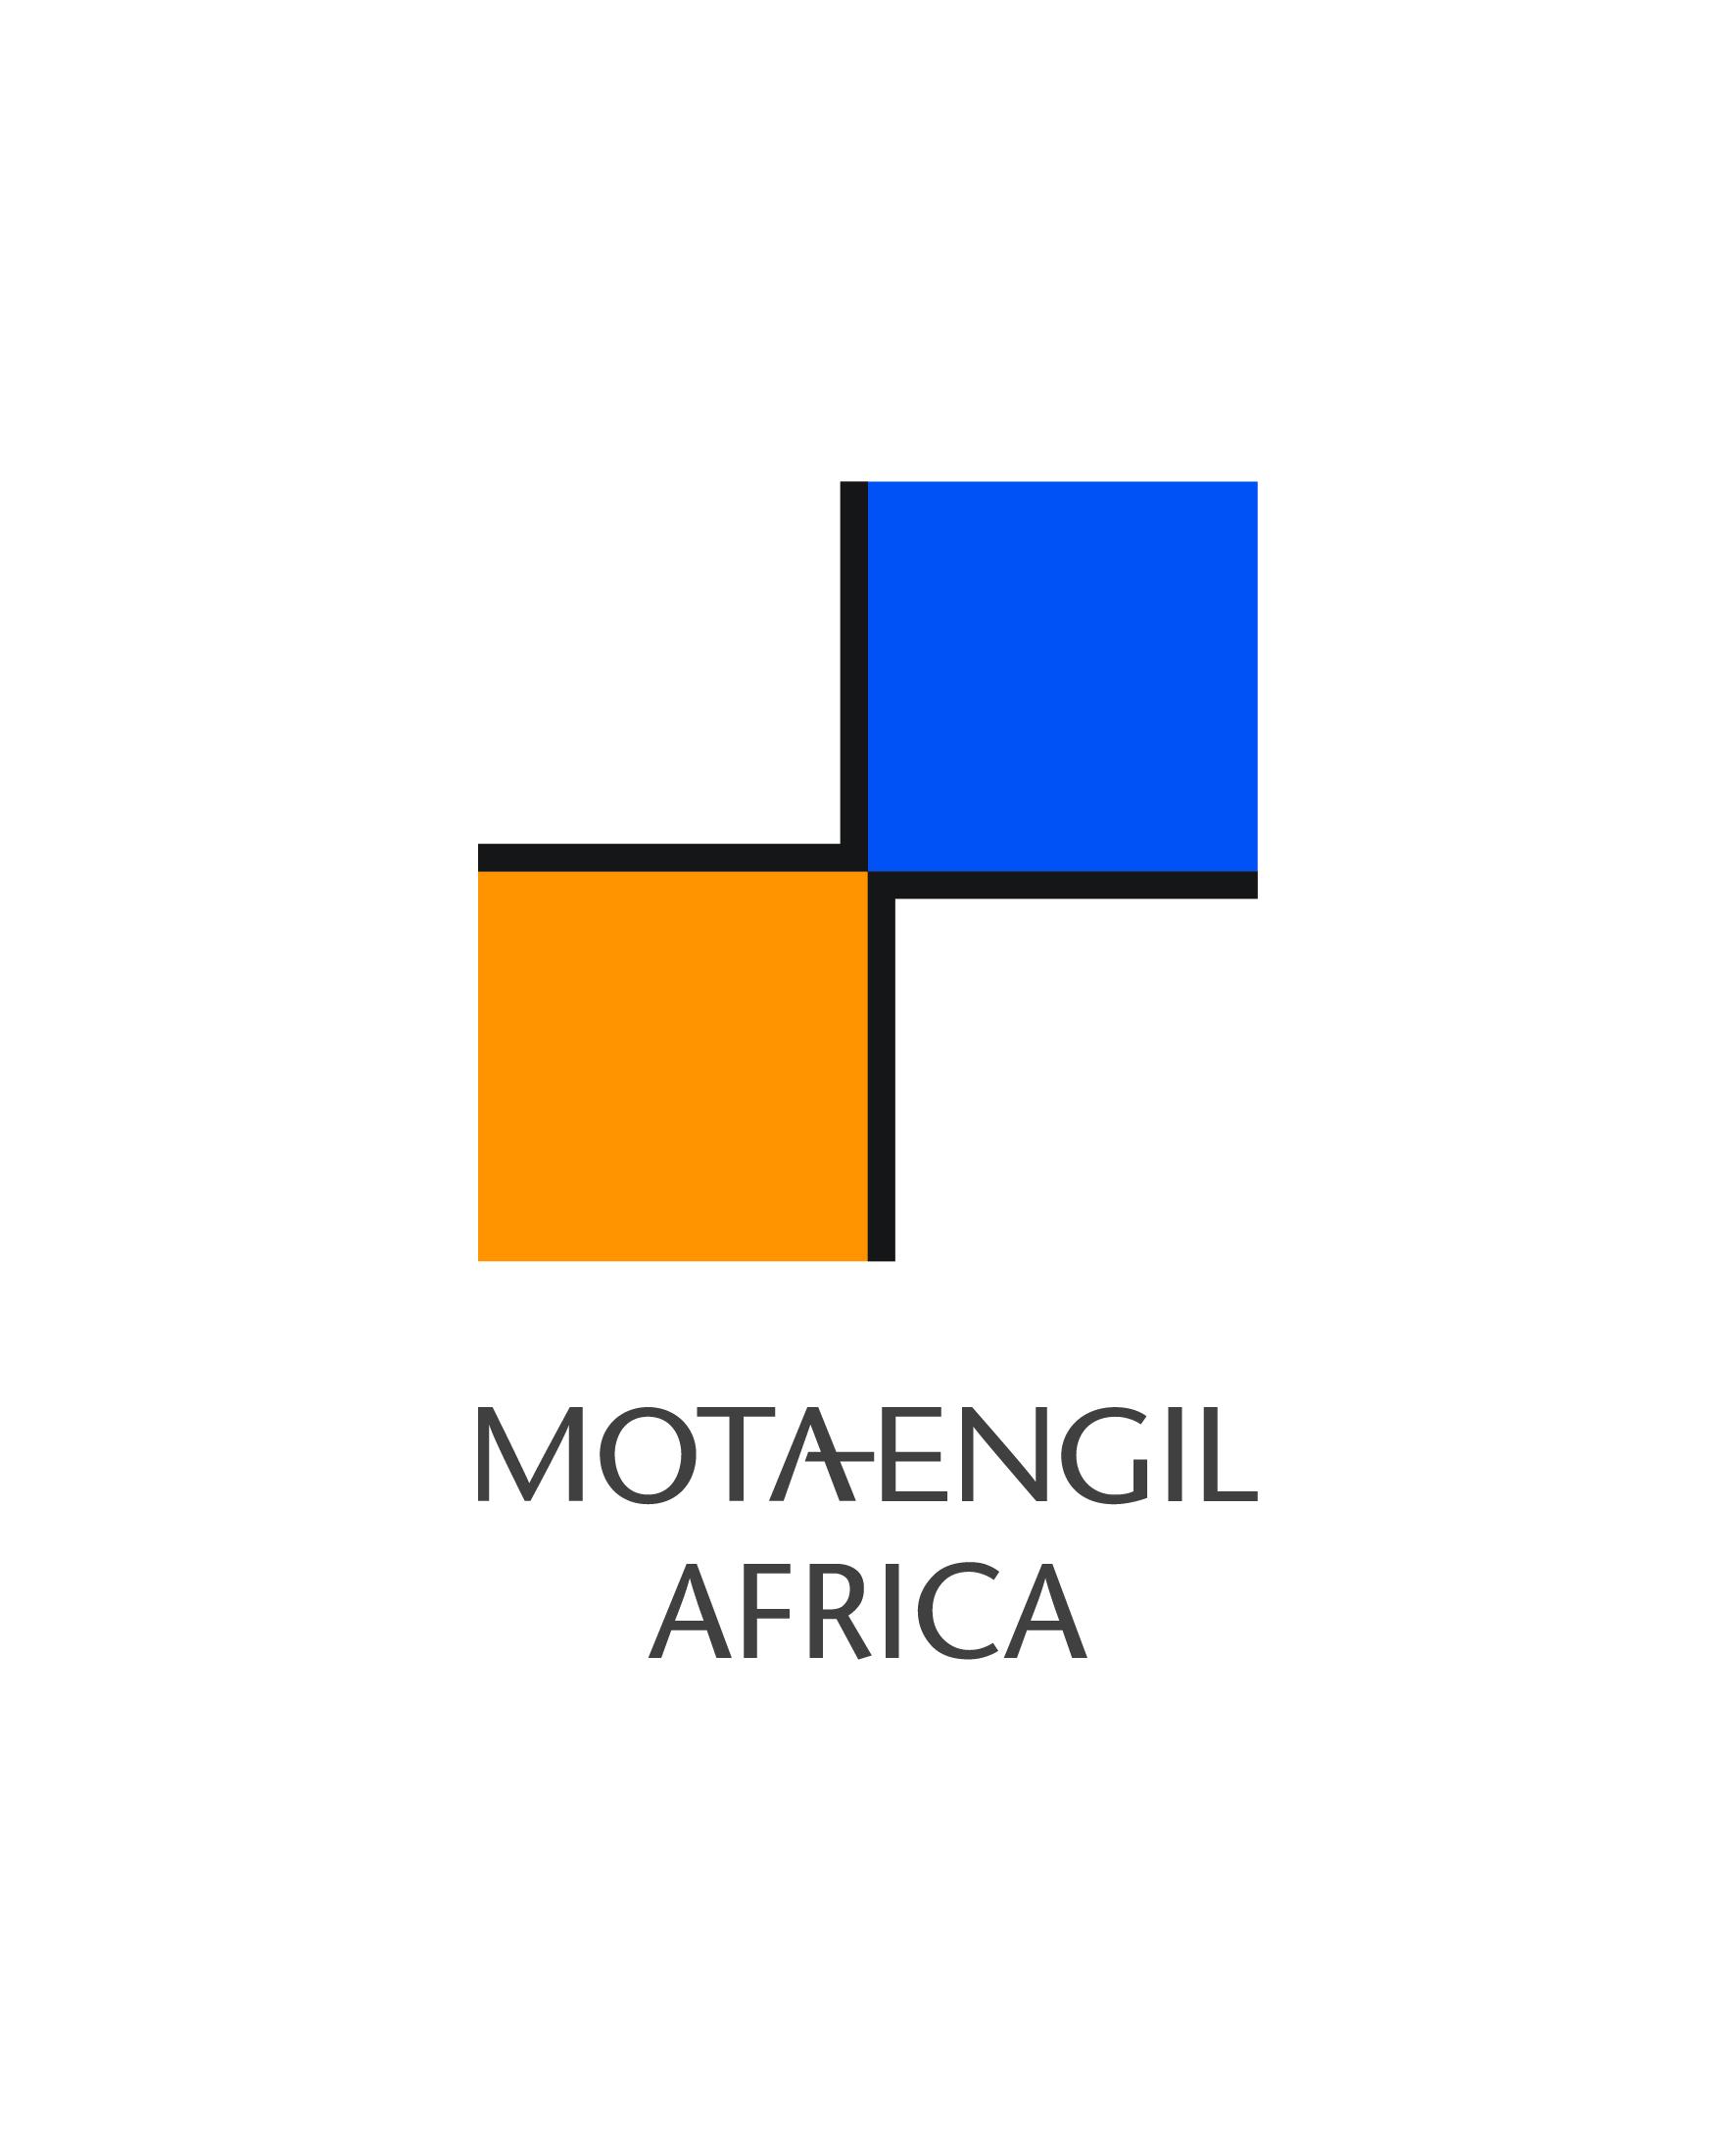 MOTA-ENGIL AFRICA